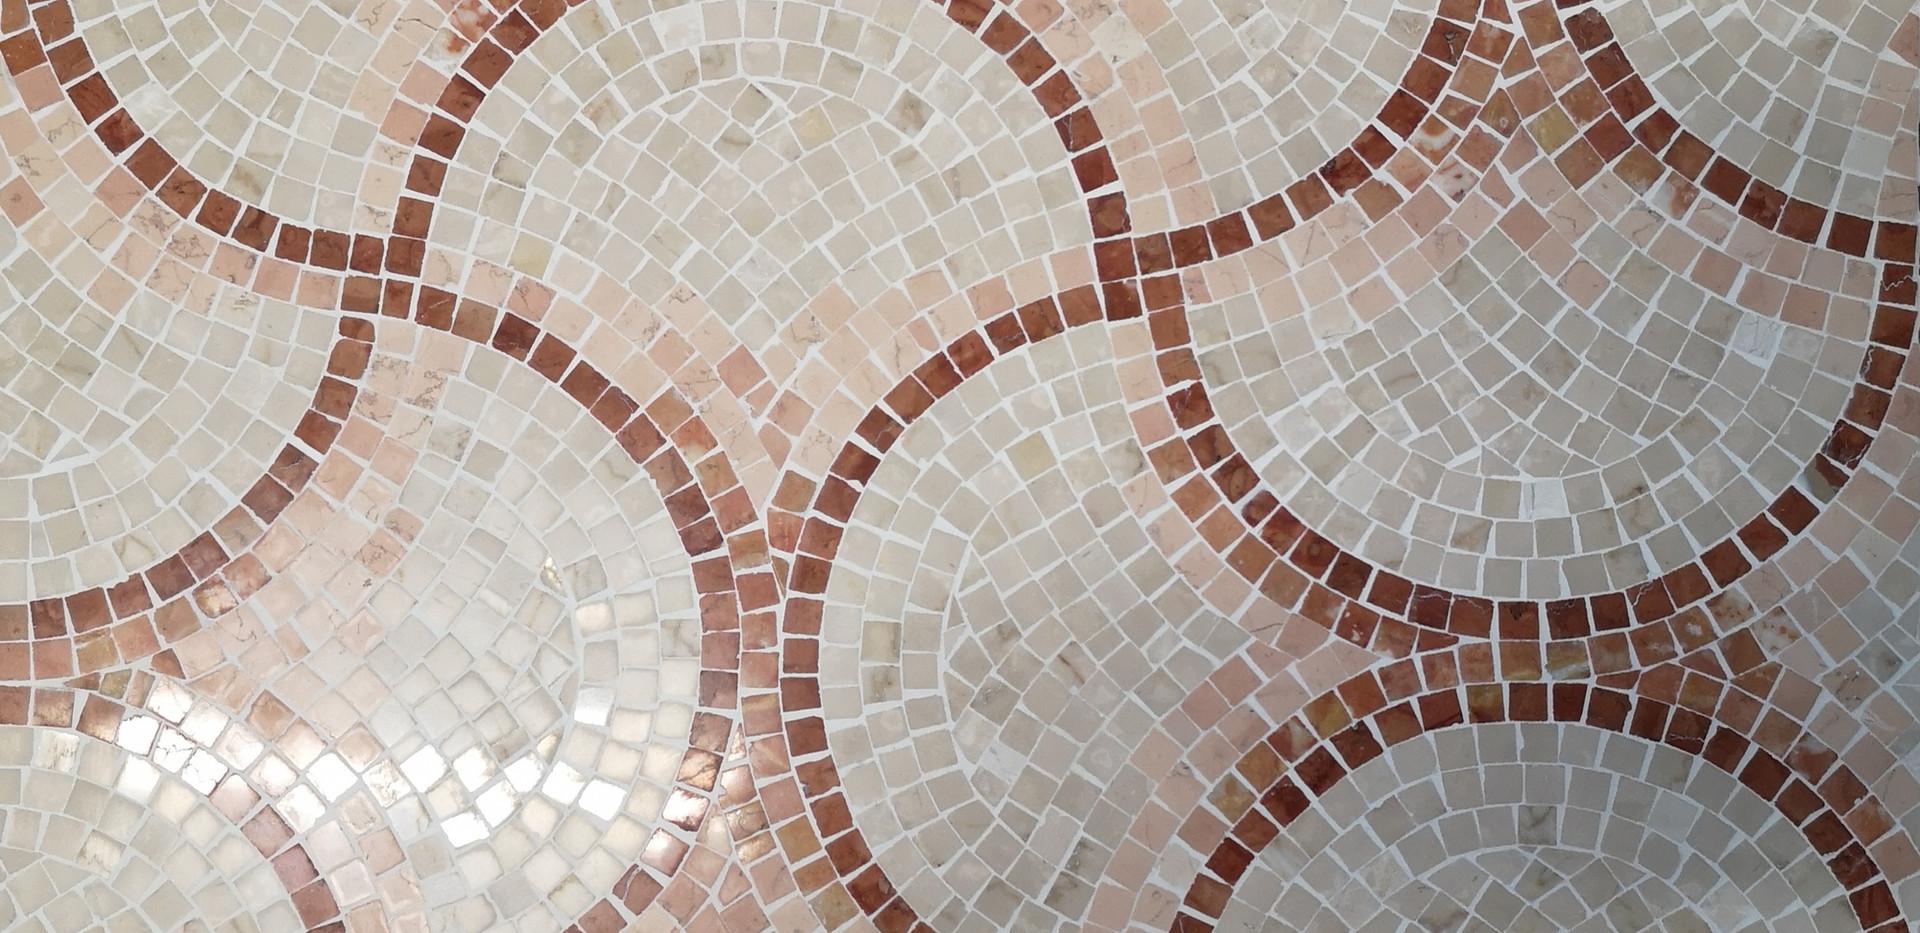 mosaico in marmi policromi per pavimento